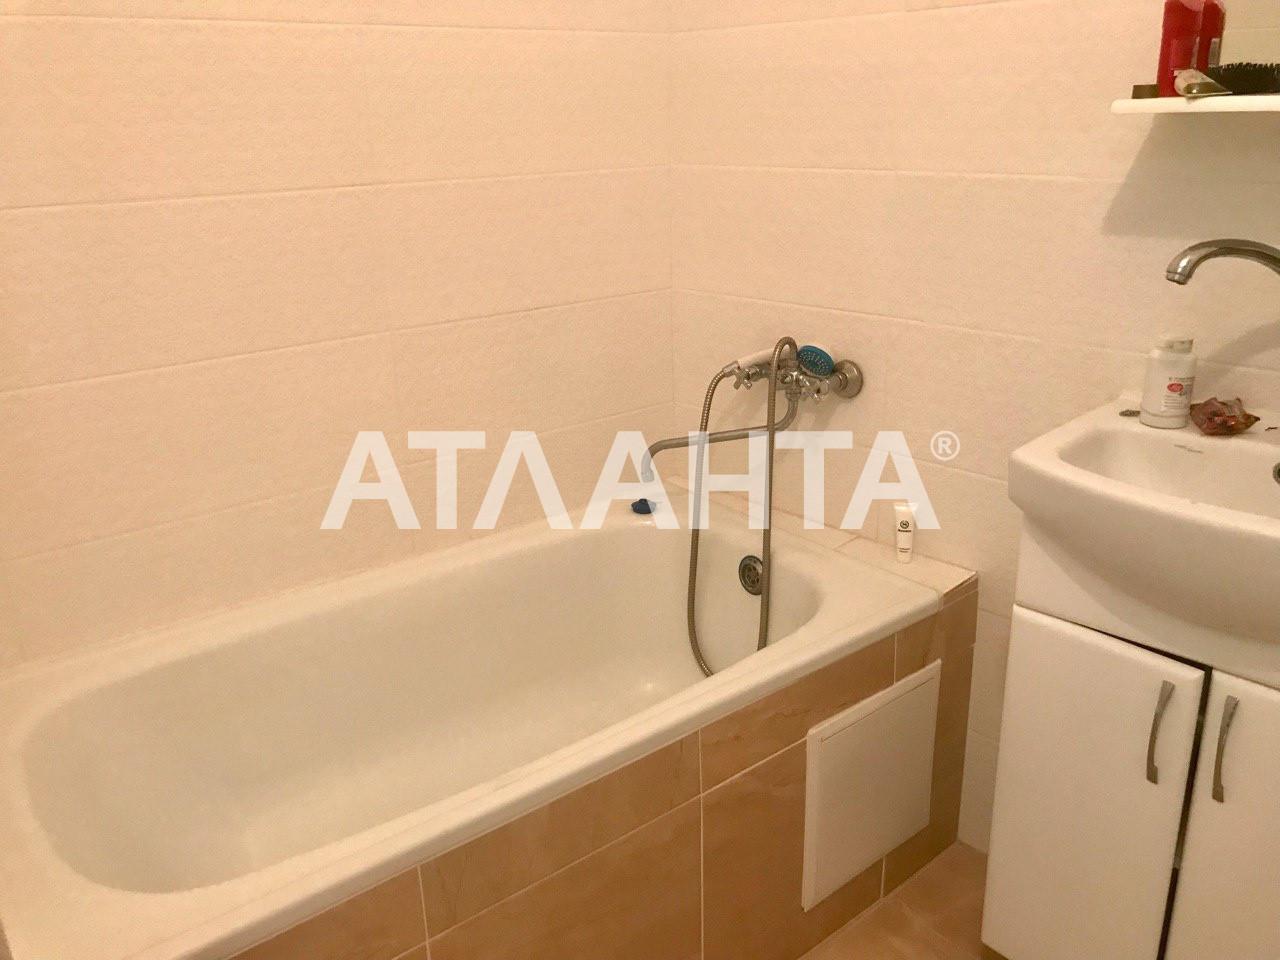 Продается 1-комнатная Квартира на ул. Каманина — 45 500 у.е. (фото №4)